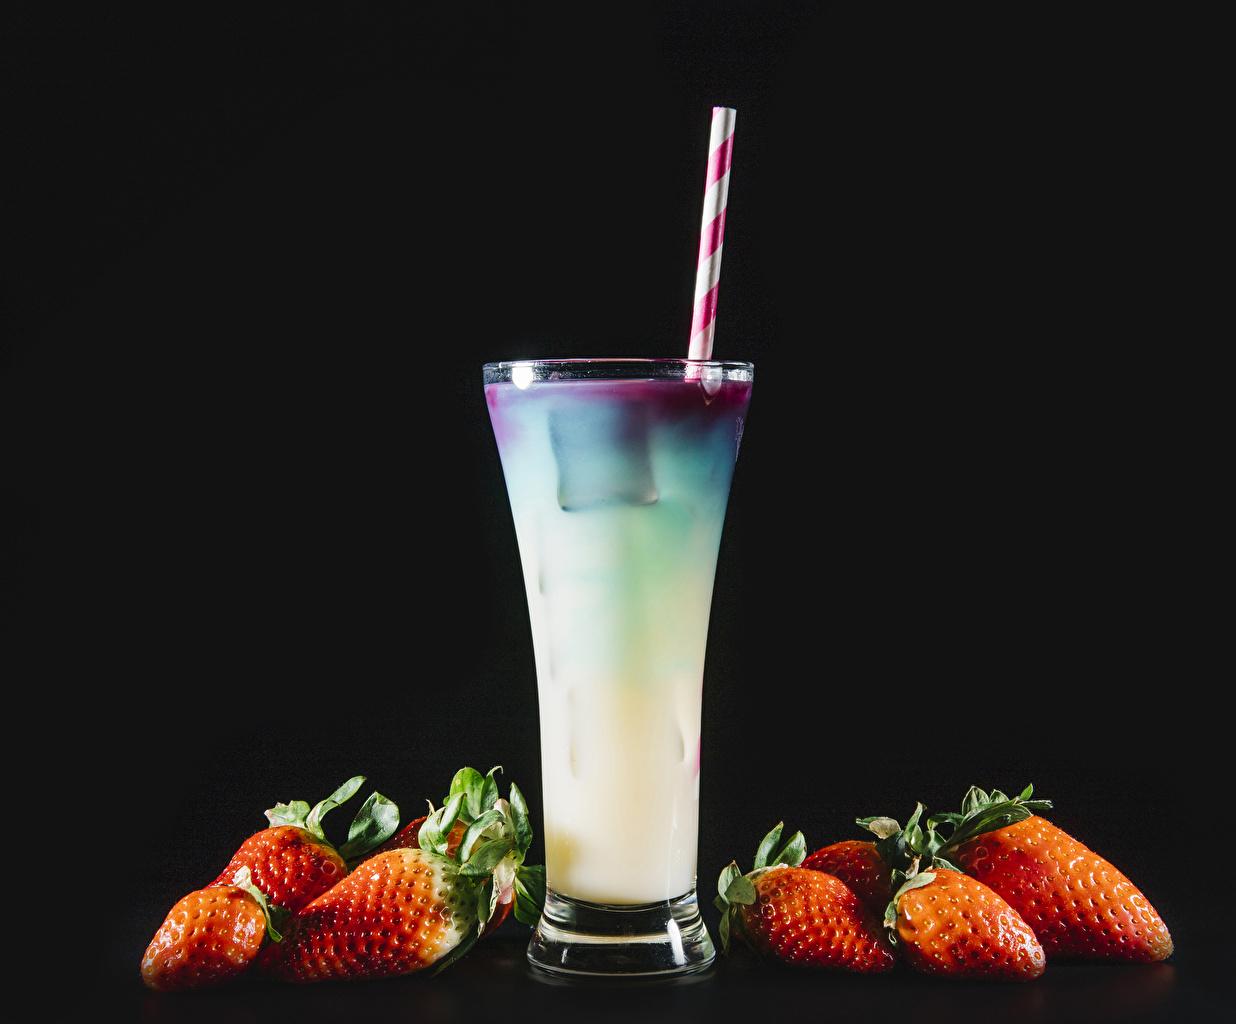 Картинки Стакан Клубника Пища Коктейль Черный фон стакана стакане Еда Продукты питания на черном фоне